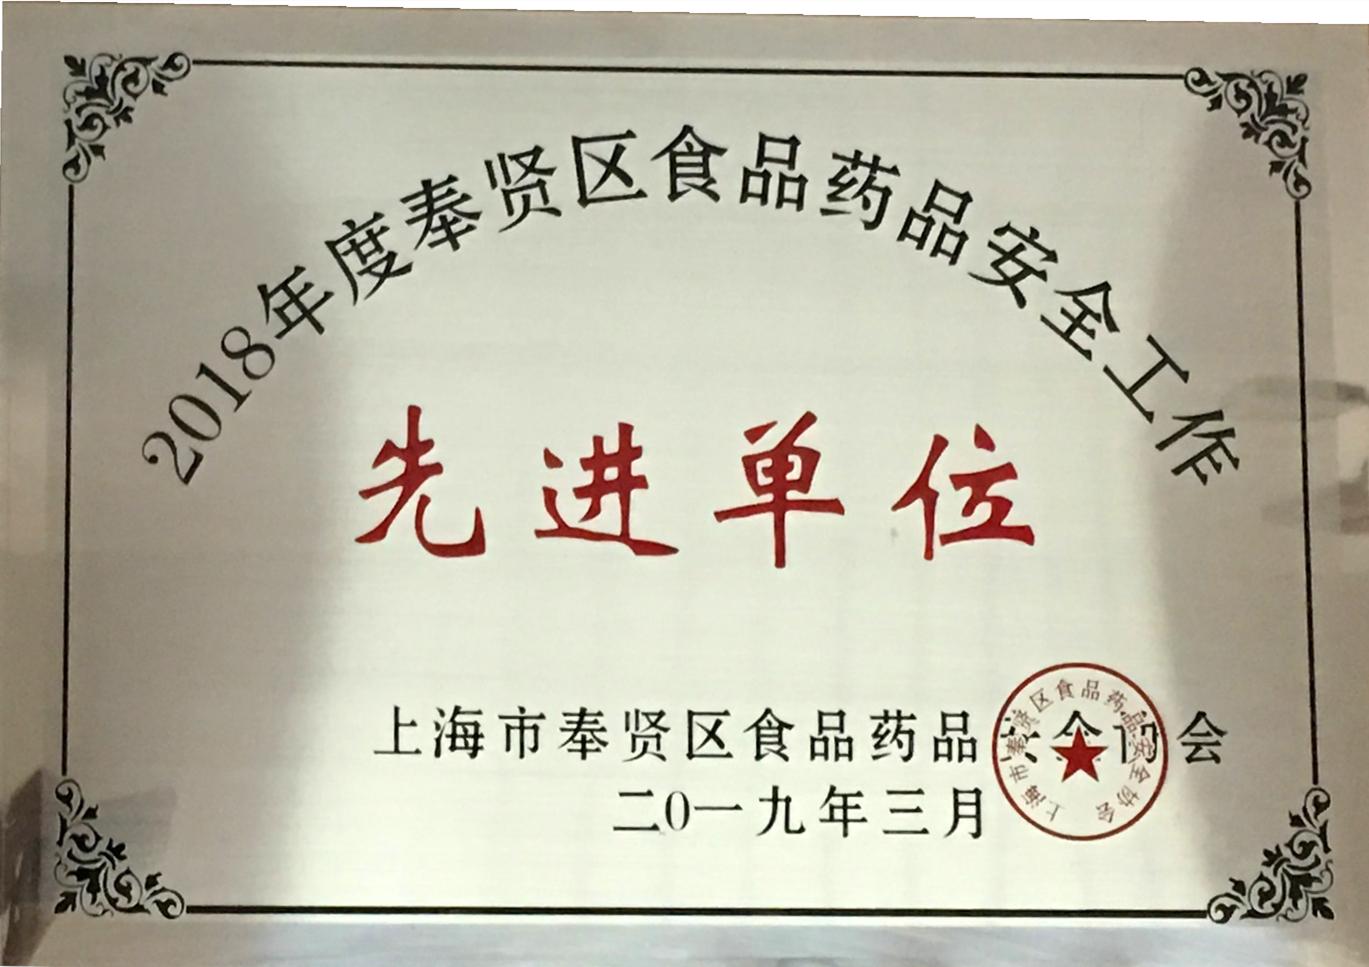 2018年度奉賢區食品藥品安全工作先進單位